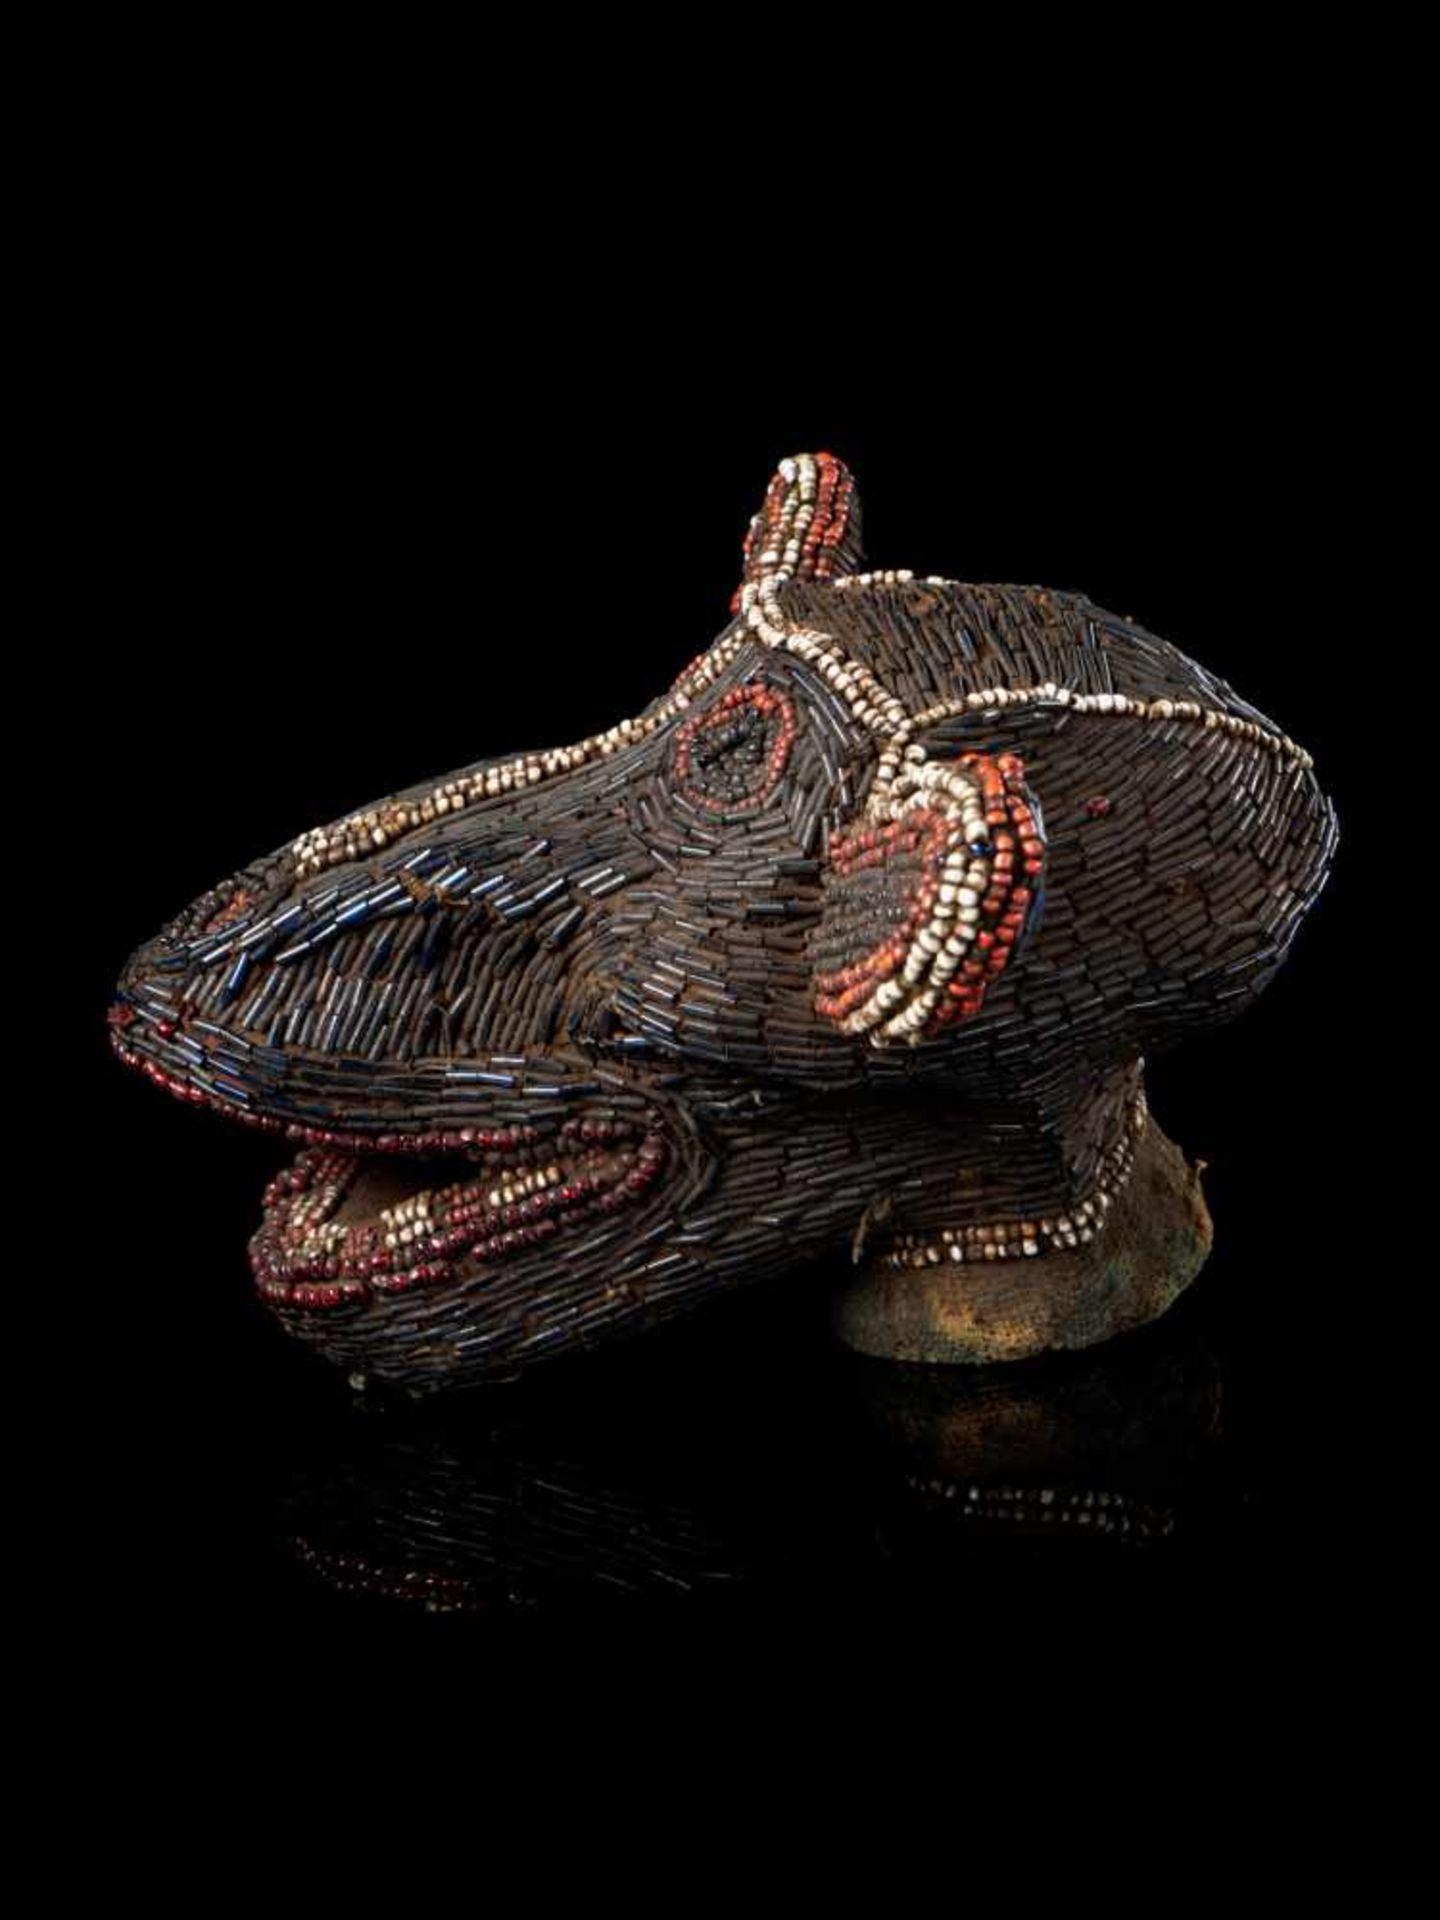 Beaded Monkey Head - Tribal ArtThis beaded monkey head has a striking gaunt appearance. It is - Bild 4 aus 5